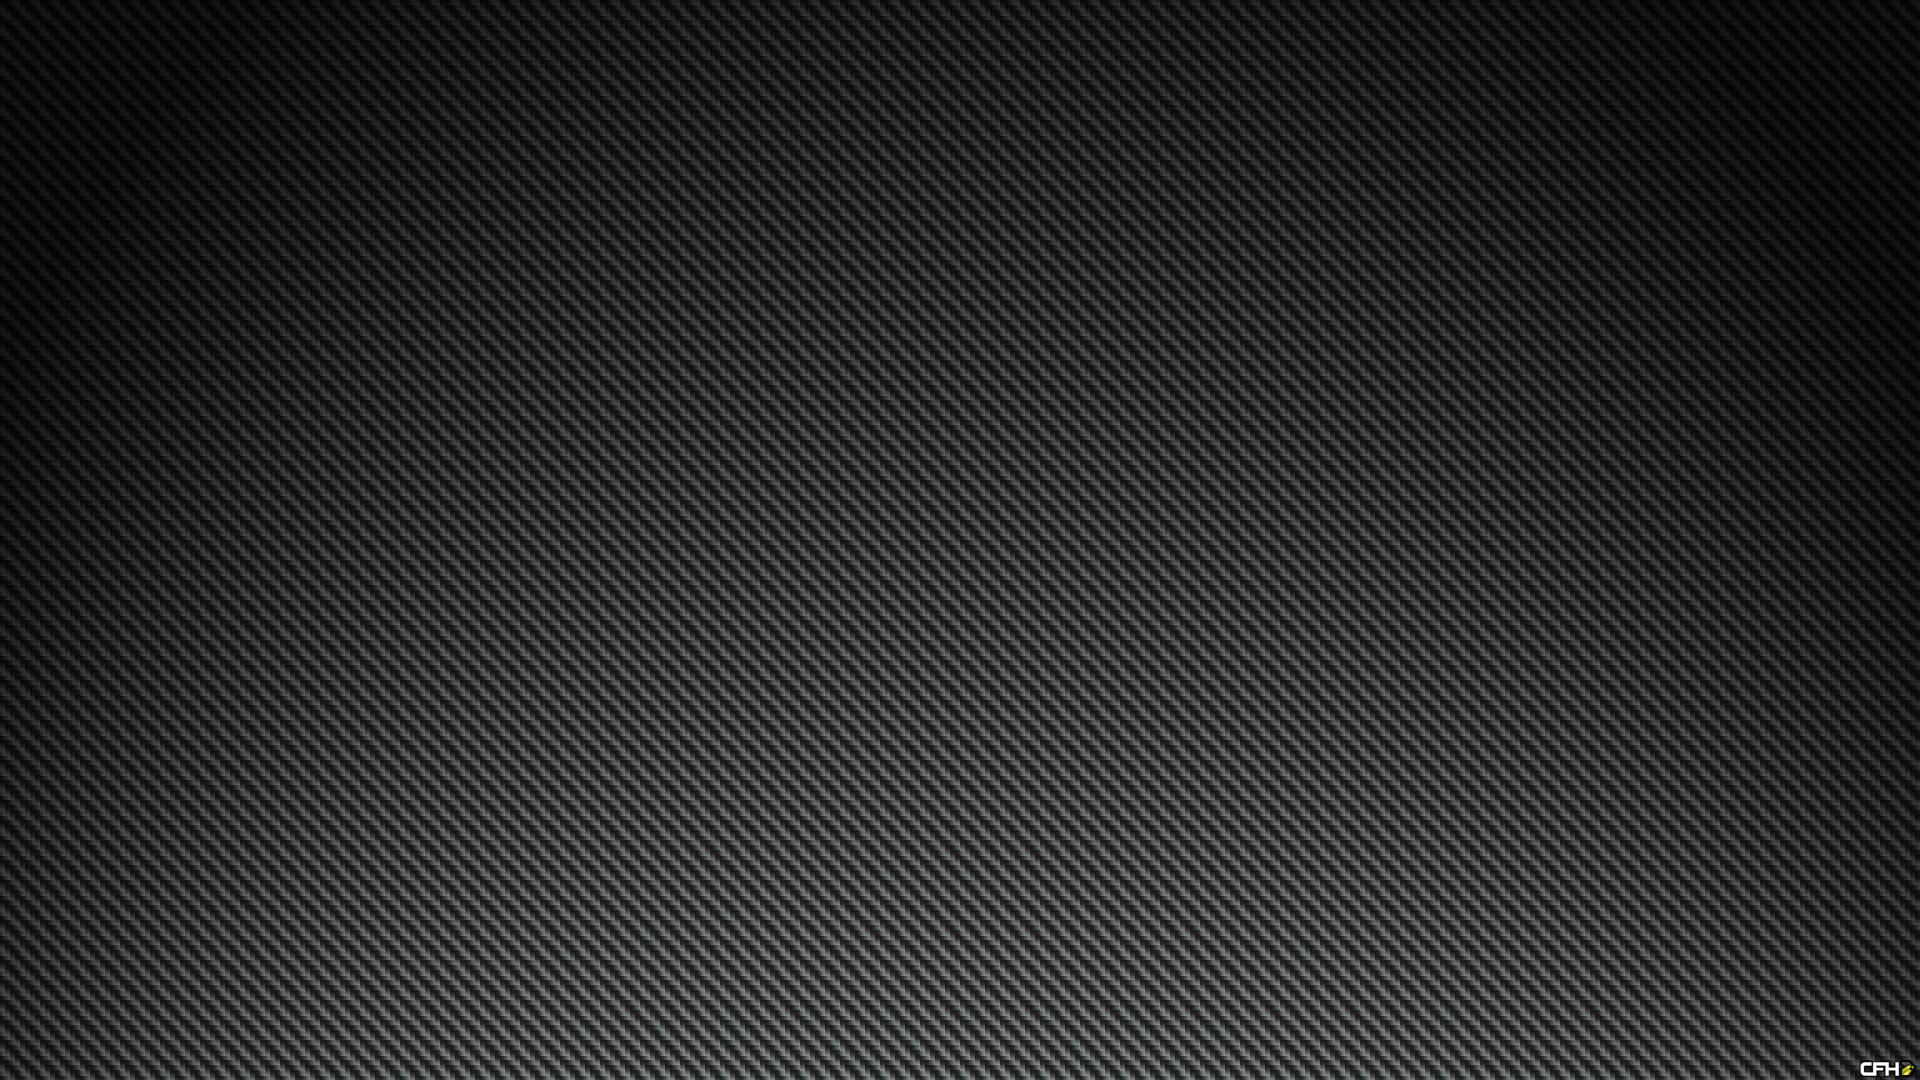 Carbon Fiber Wallpaper 1920X1080 188382 1920x1080